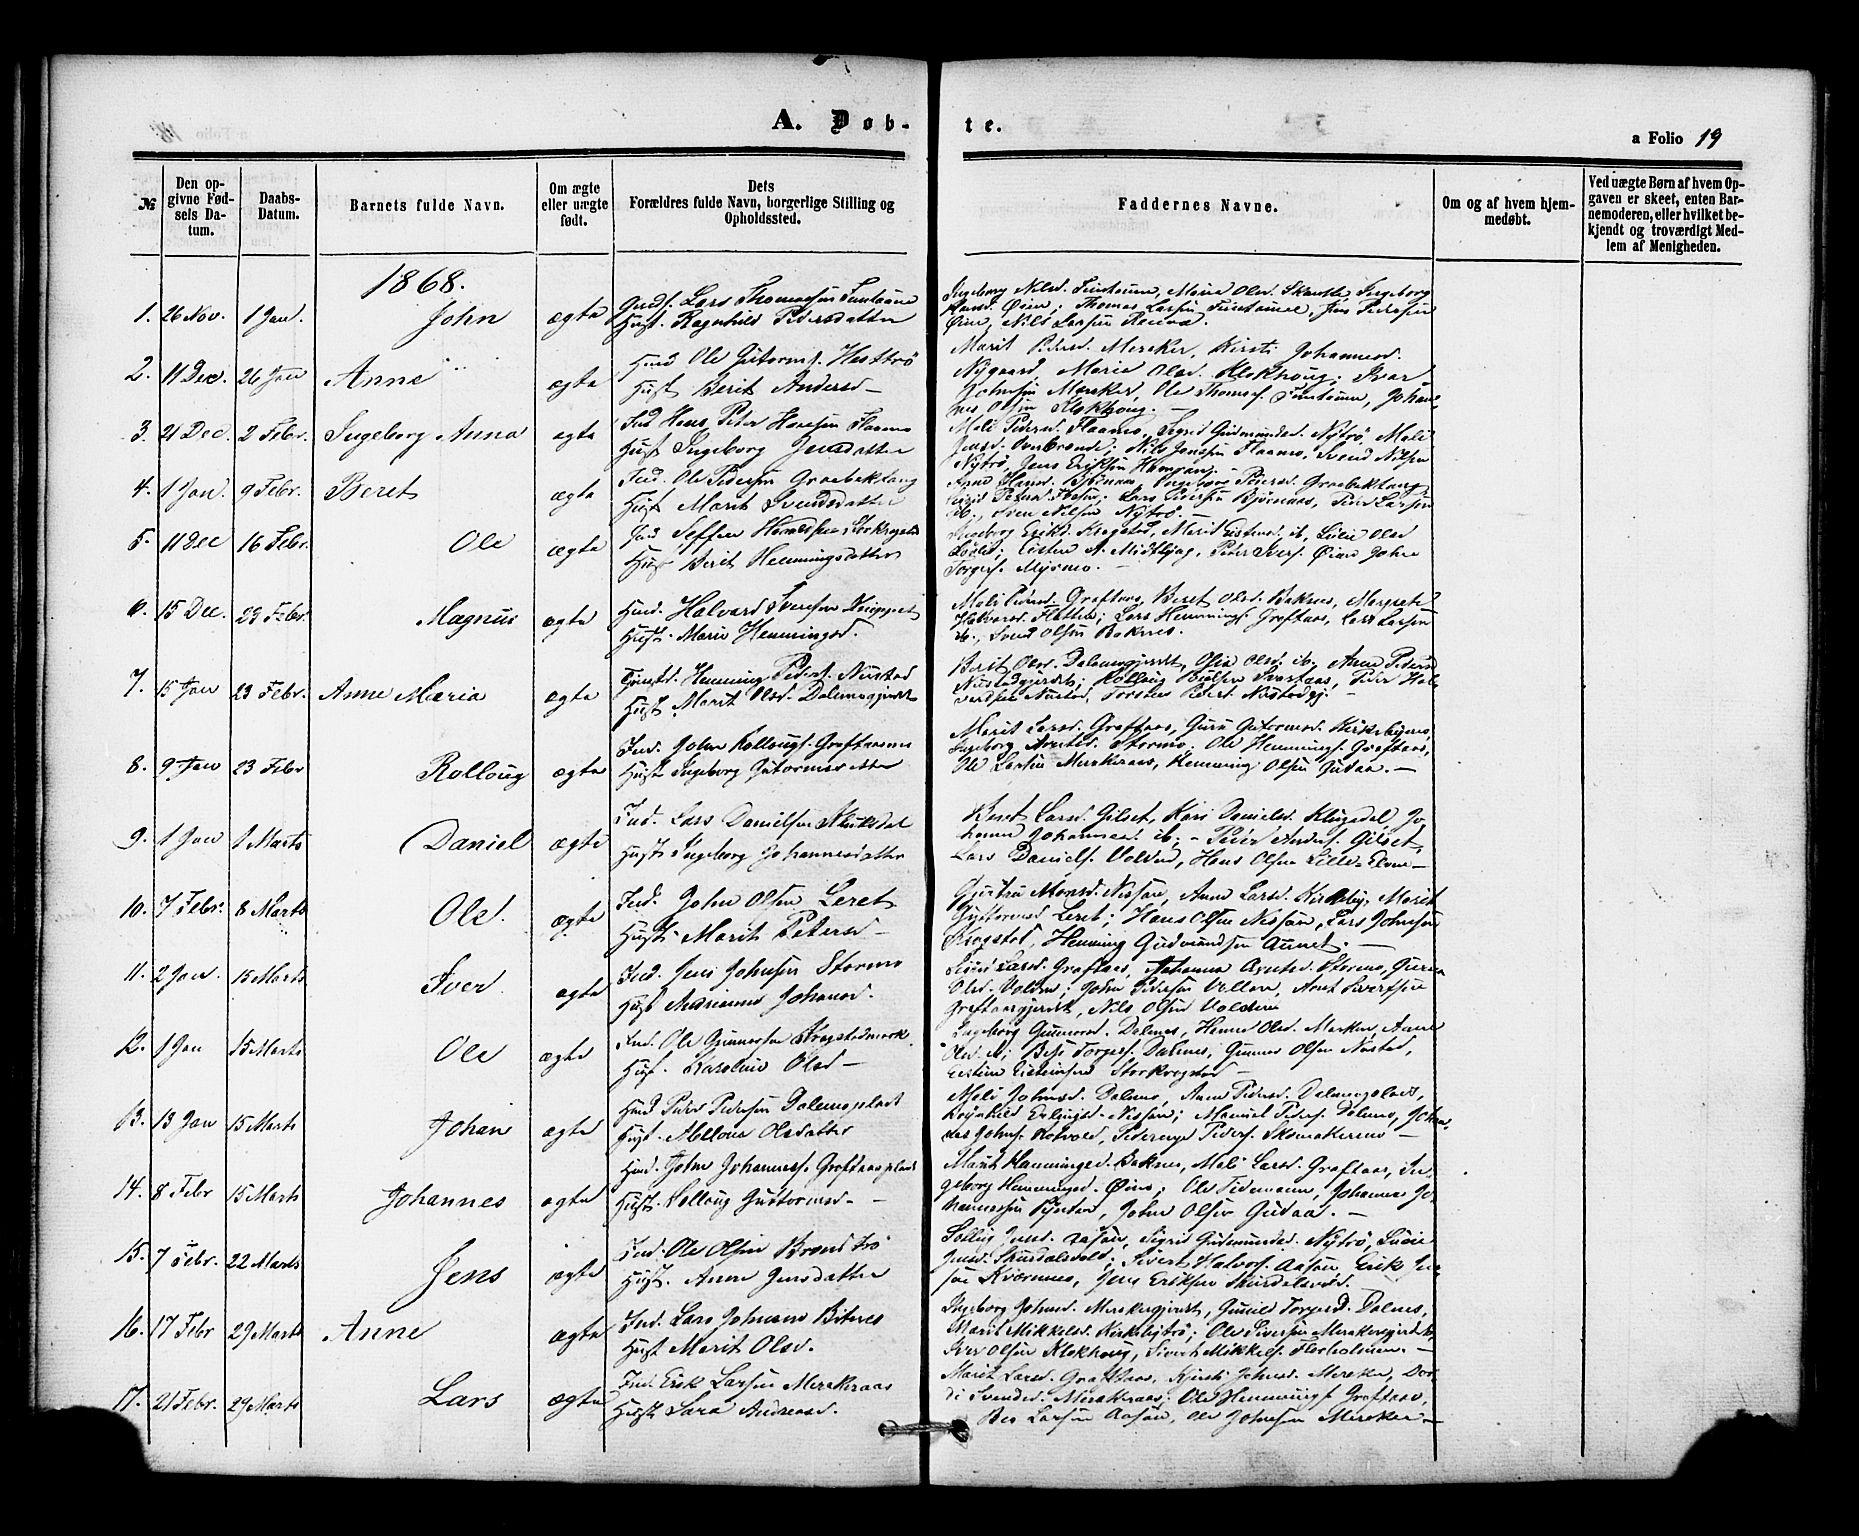 SAT, Ministerialprotokoller, klokkerbøker og fødselsregistre - Nord-Trøndelag, 706/L0041: Ministerialbok nr. 706A02, 1862-1877, s. 19